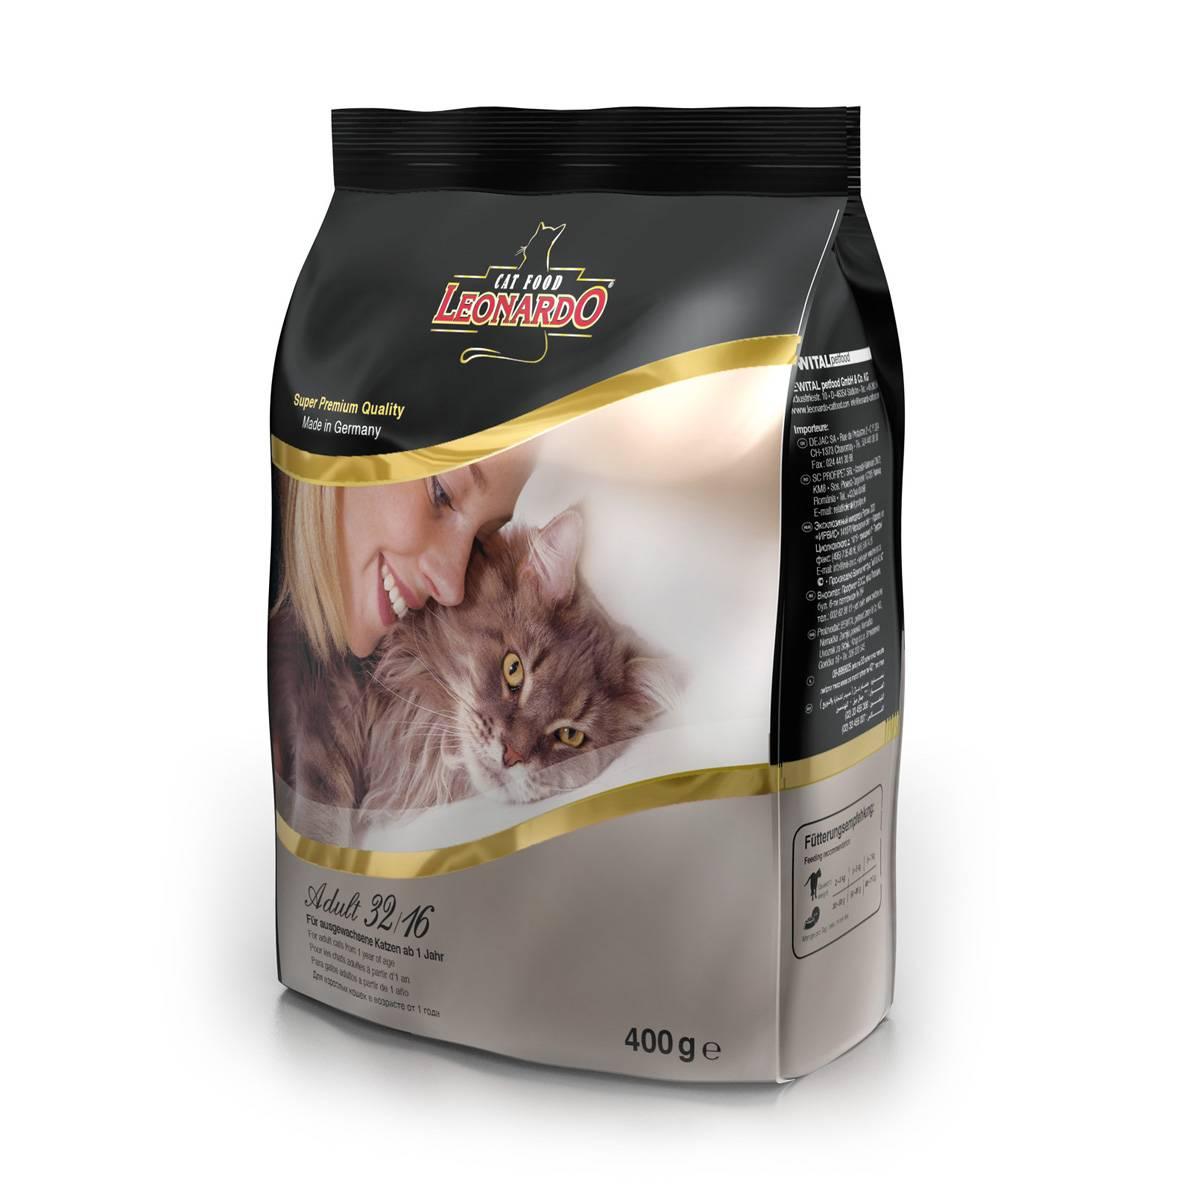 Корм для кошек леонардо: отзывы и обзор состава | сайт «мурло»